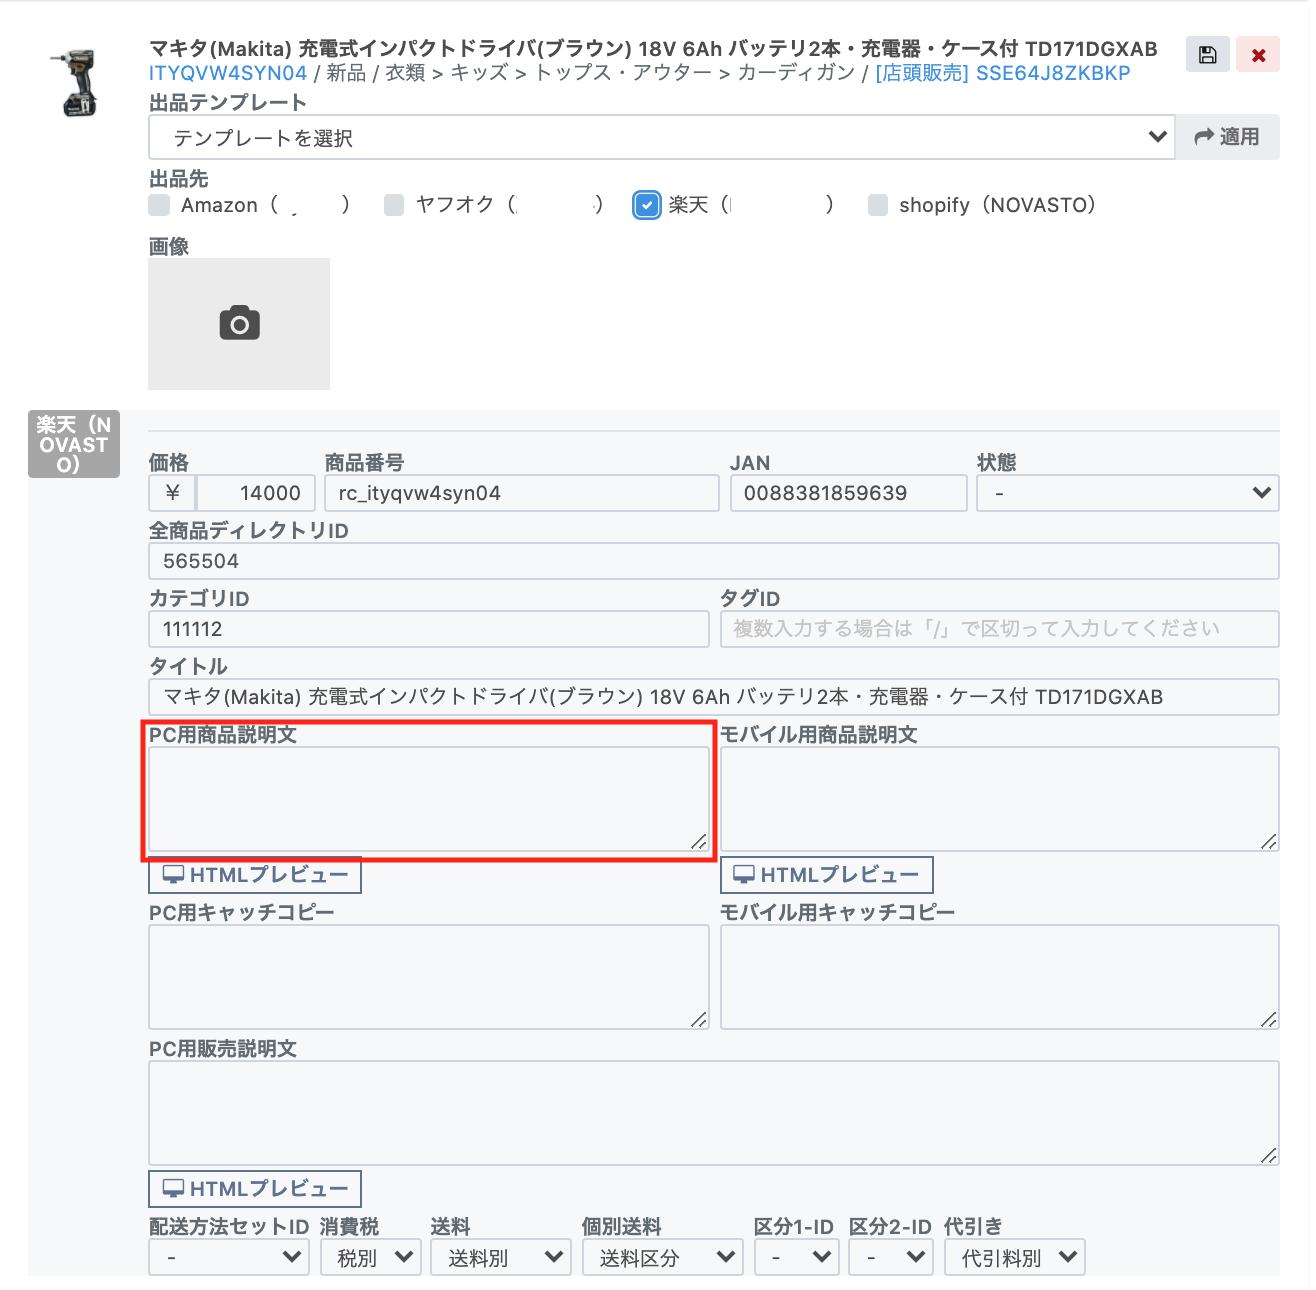 楽天EC出品画面_商品説明.png (219.0 kB)